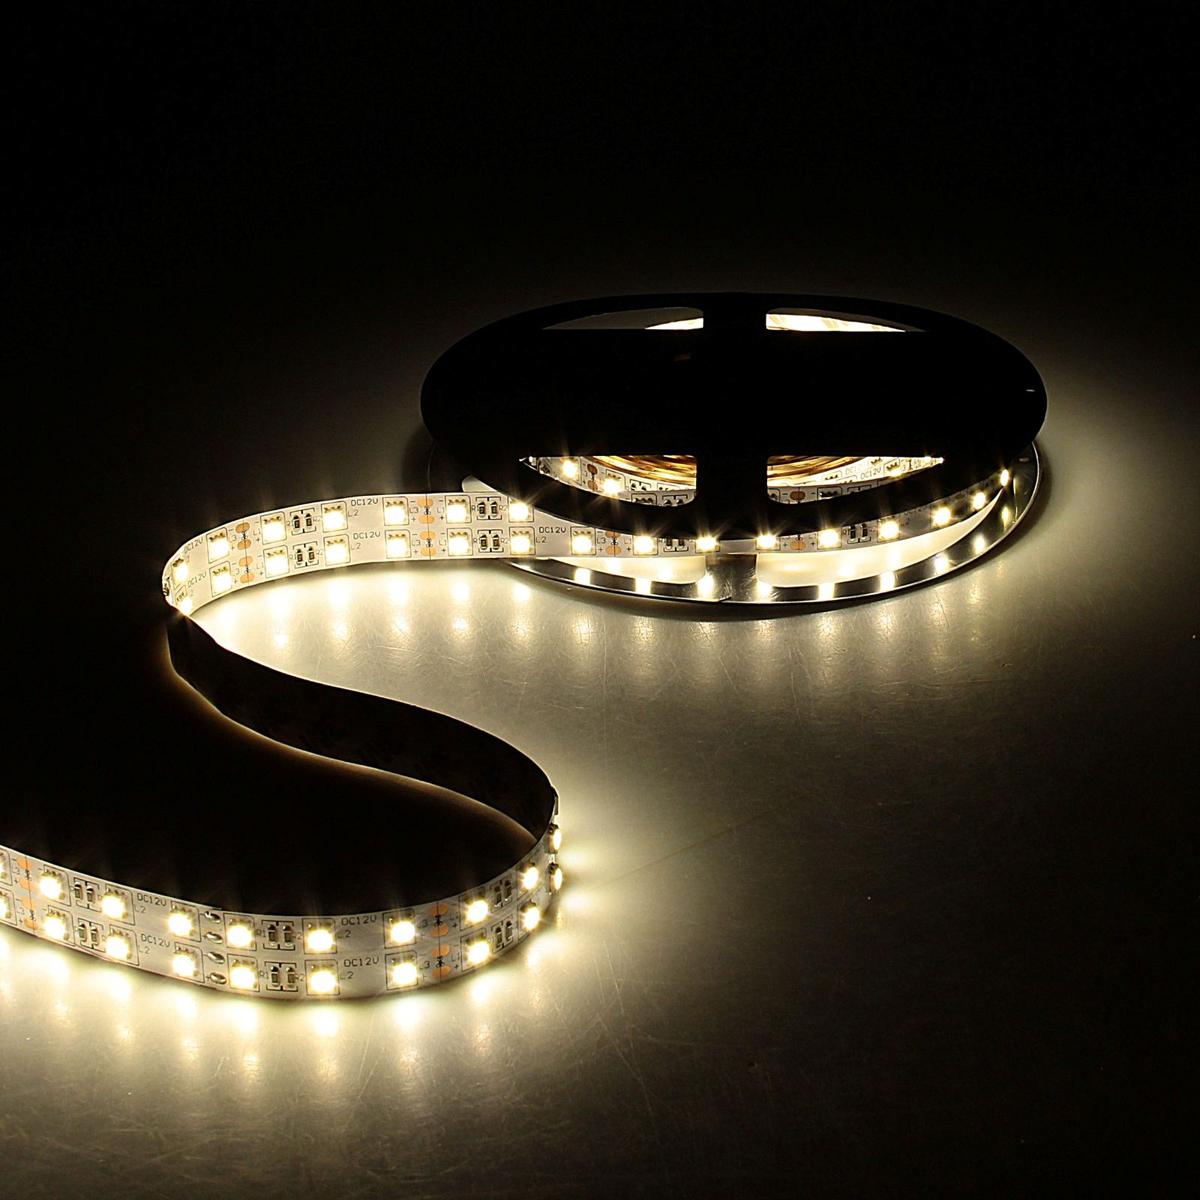 Светодиодная лента Sima-land, 12В SMD5050, длина 5 м, IP33, 120 LED ламп, 28.8Вт/м, 10-12 Лм/1 LED, DC, цвет: теплый белый848555Светодиодные гирлянды, ленты и т.д — это отличный вариант для новогоднего оформления интерьера или фасада. С их помощью помещение любого размера можно превратить в праздничный зал, а внешние элементы зданий, украшенные ими, мгновенно станут напоминать очертания сказочного дворца. Такие украшения создают ауру предвкушения чуда. Деревья, фасады, витрины, окна и арки будто специально созданы, чтобы вы украсили их светящимися нитями.